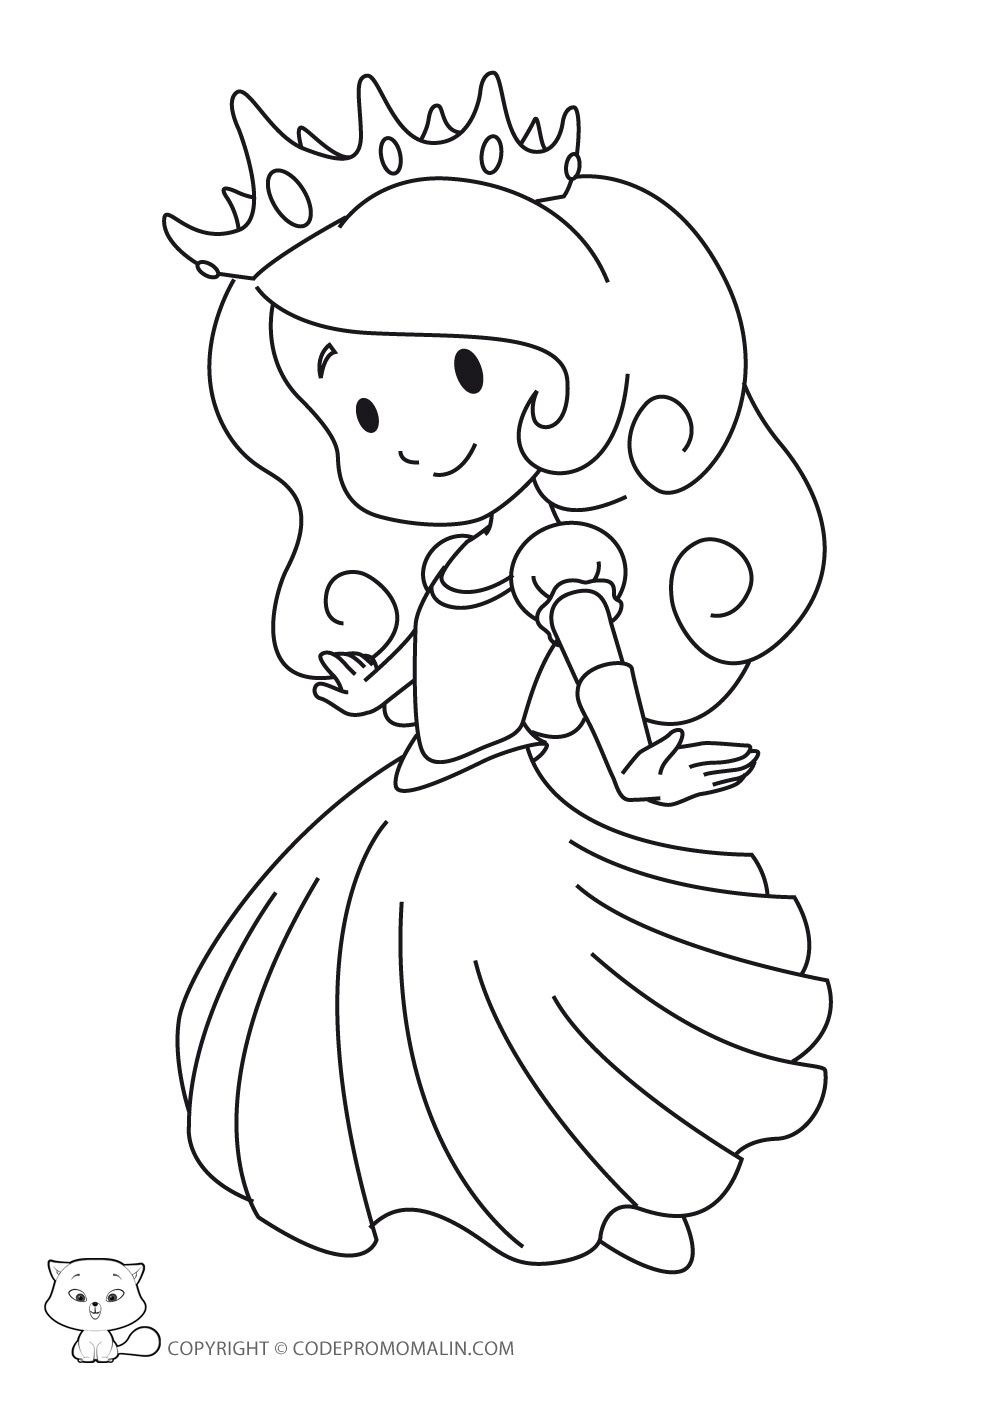 Coloriage Princesse À Colorier - Dessin À Imprimer dedans Coloriage A Imprimer Licorne Et Princesse